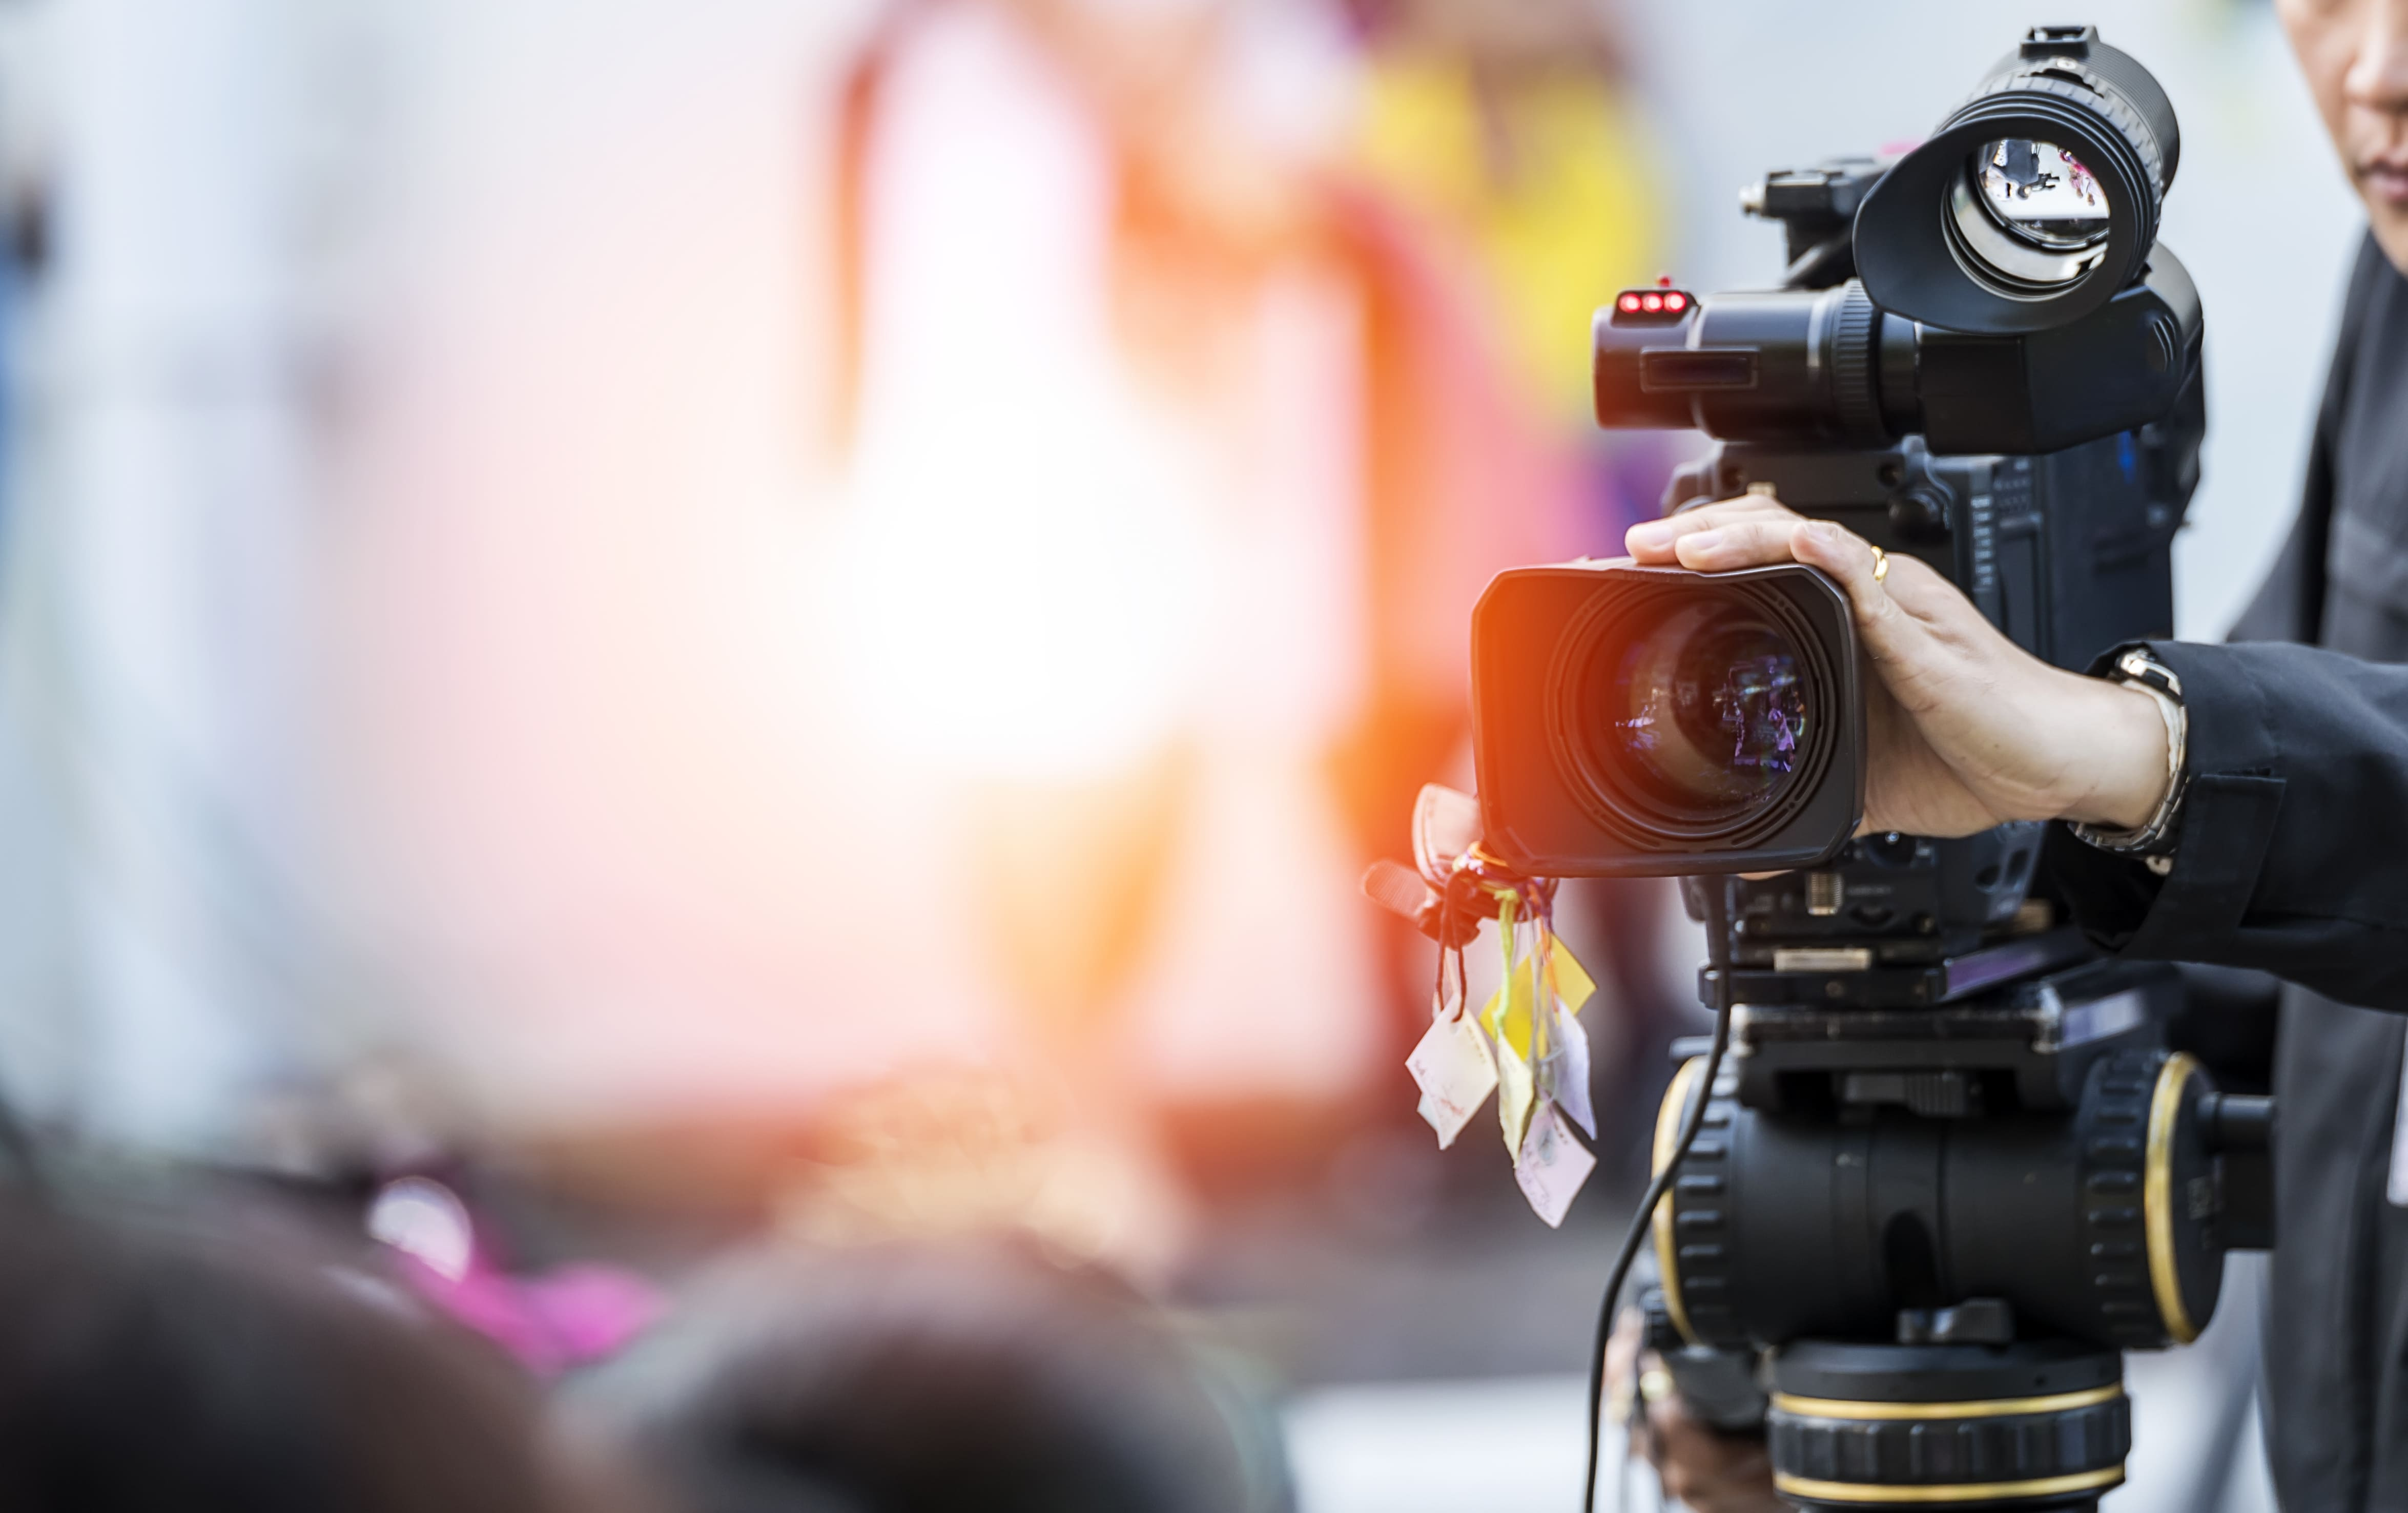 Imagem de uma câmera para remeter ao conteúdo em vídeo que uma empresa pode fazer